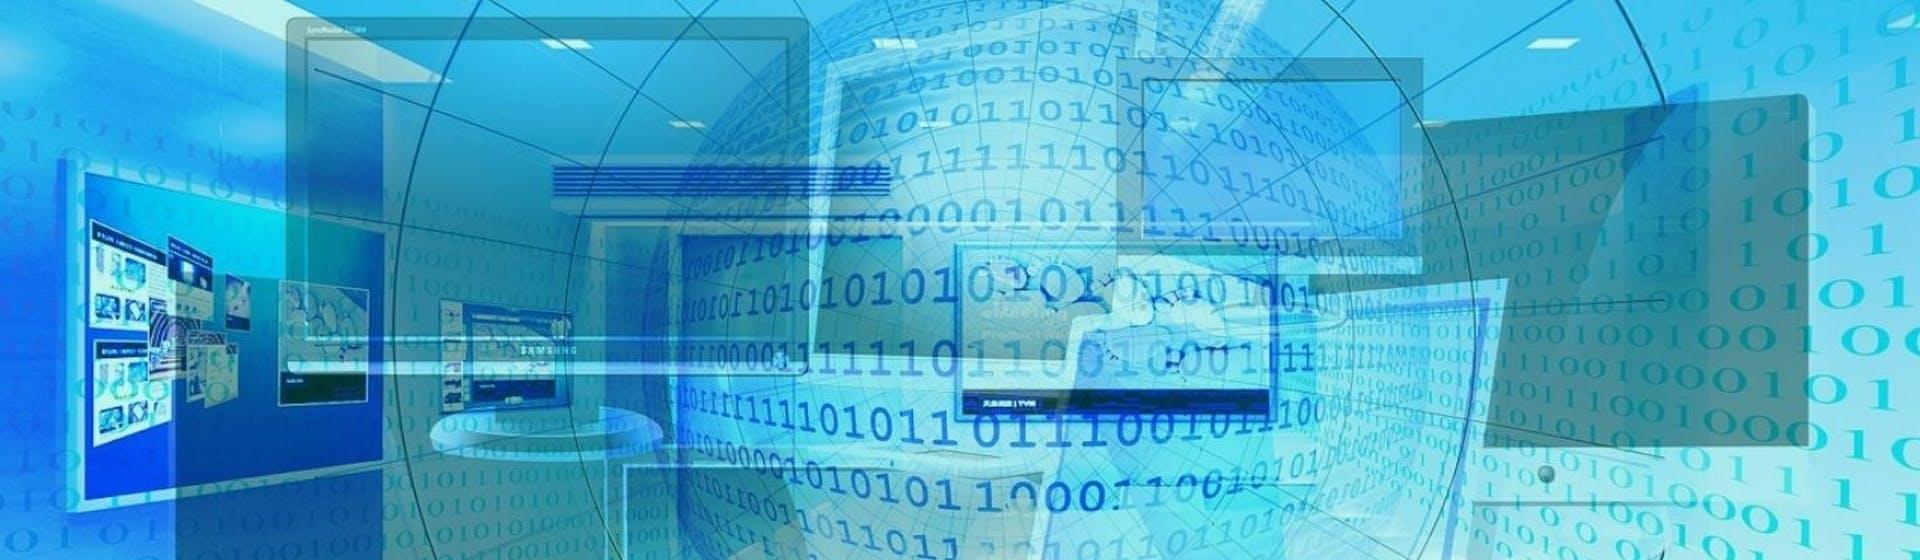 Data discovery: la herramienta que hará tu búsqueda de datos más rápida y eficiente